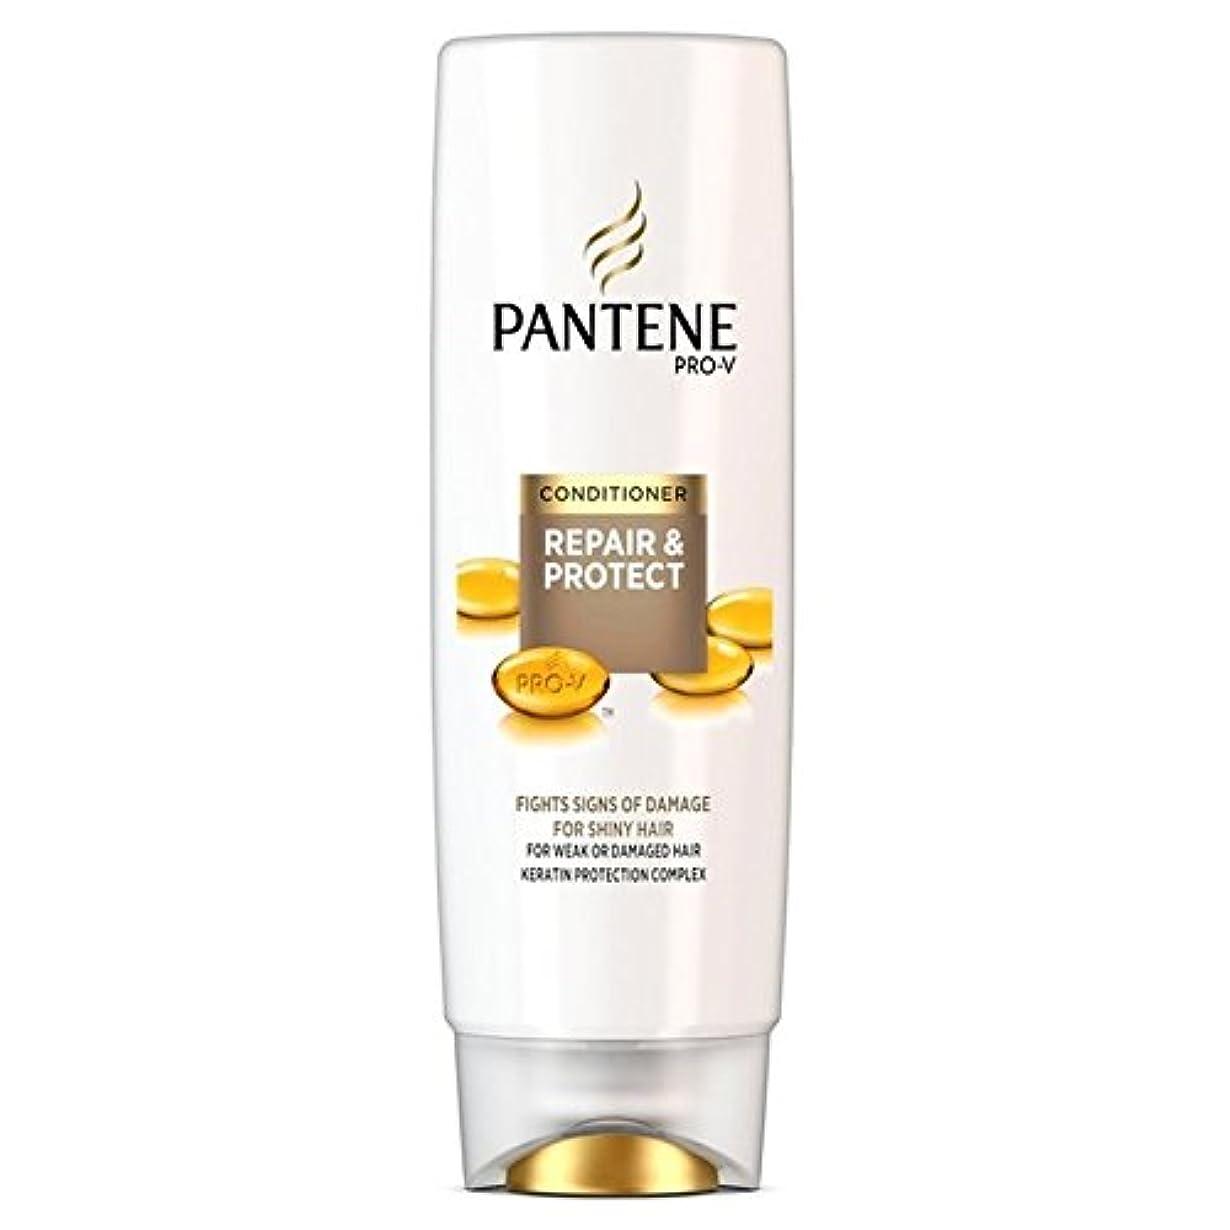 家畜グラフ状態Pantene Conditioner Repair & Protect For Weak Or Damaged Hair 250ml - パンテーンコンディショナーの修理&弱いか、傷んだ髪の250ミリリットルのための保護...